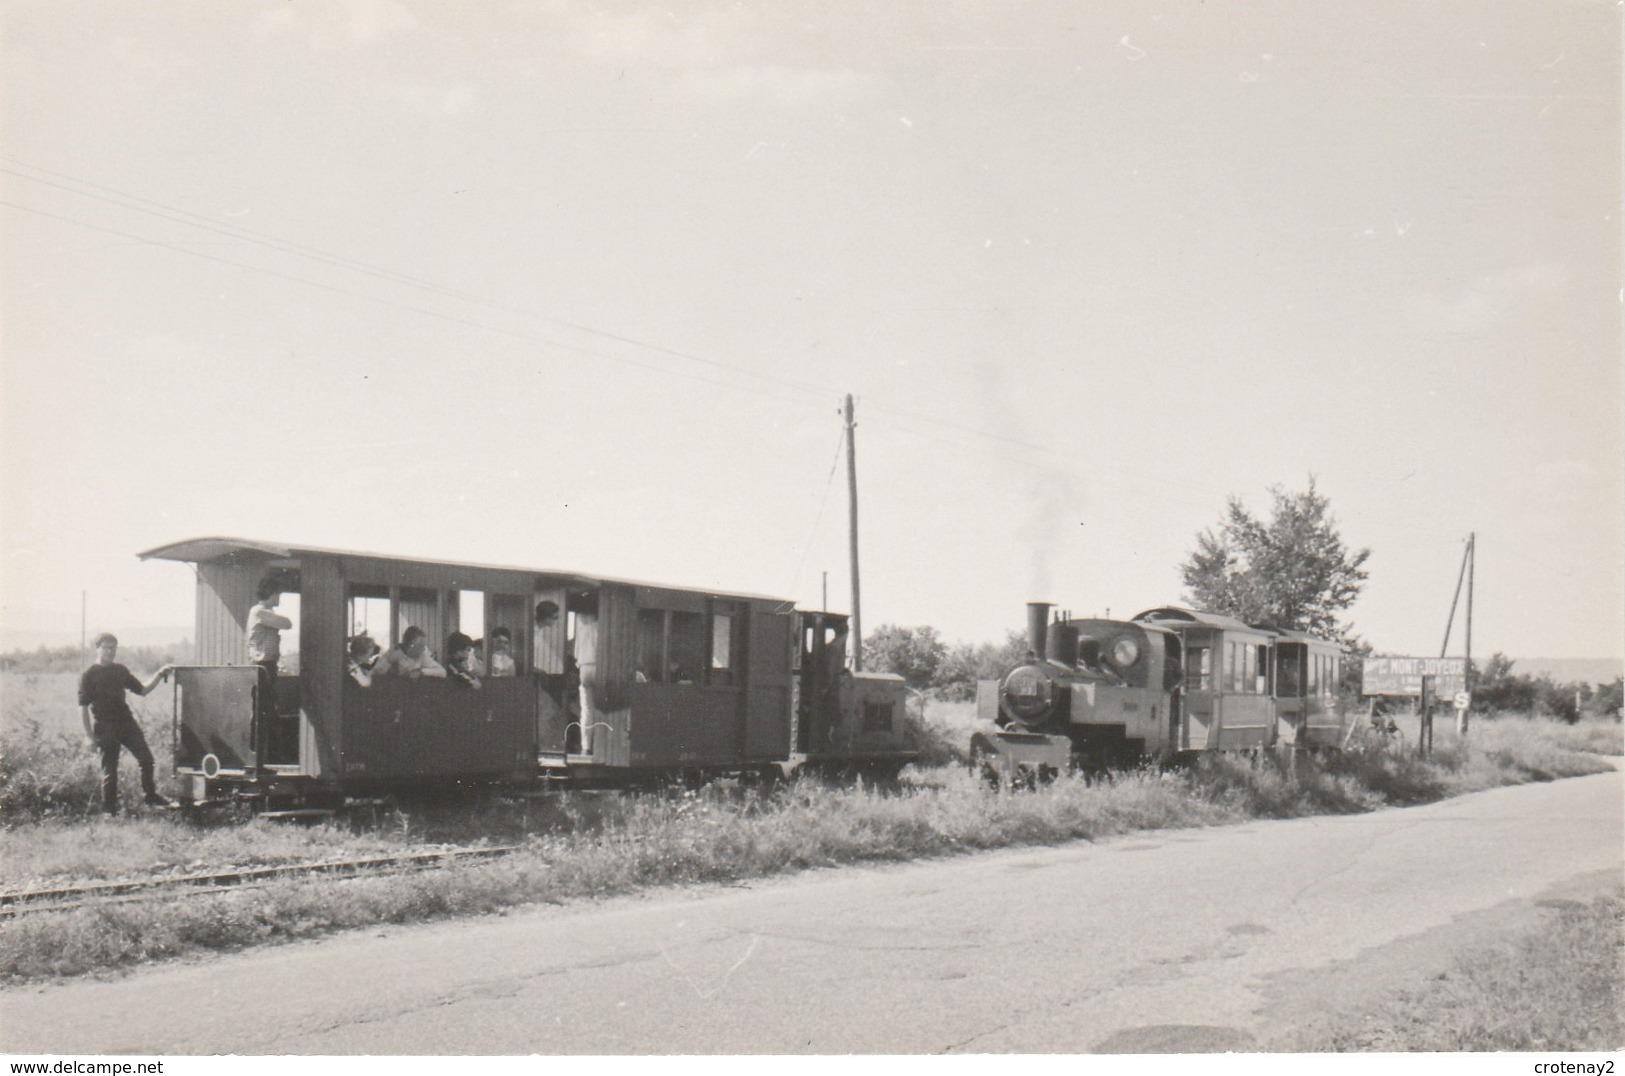 69 MEYZIEU VOIR DOS Chemin De Fer Touristique 2 Trains Locomotive à Vapeur Wagons Pancarte Mont Joyeux  Edition CFTM - Meyzieu